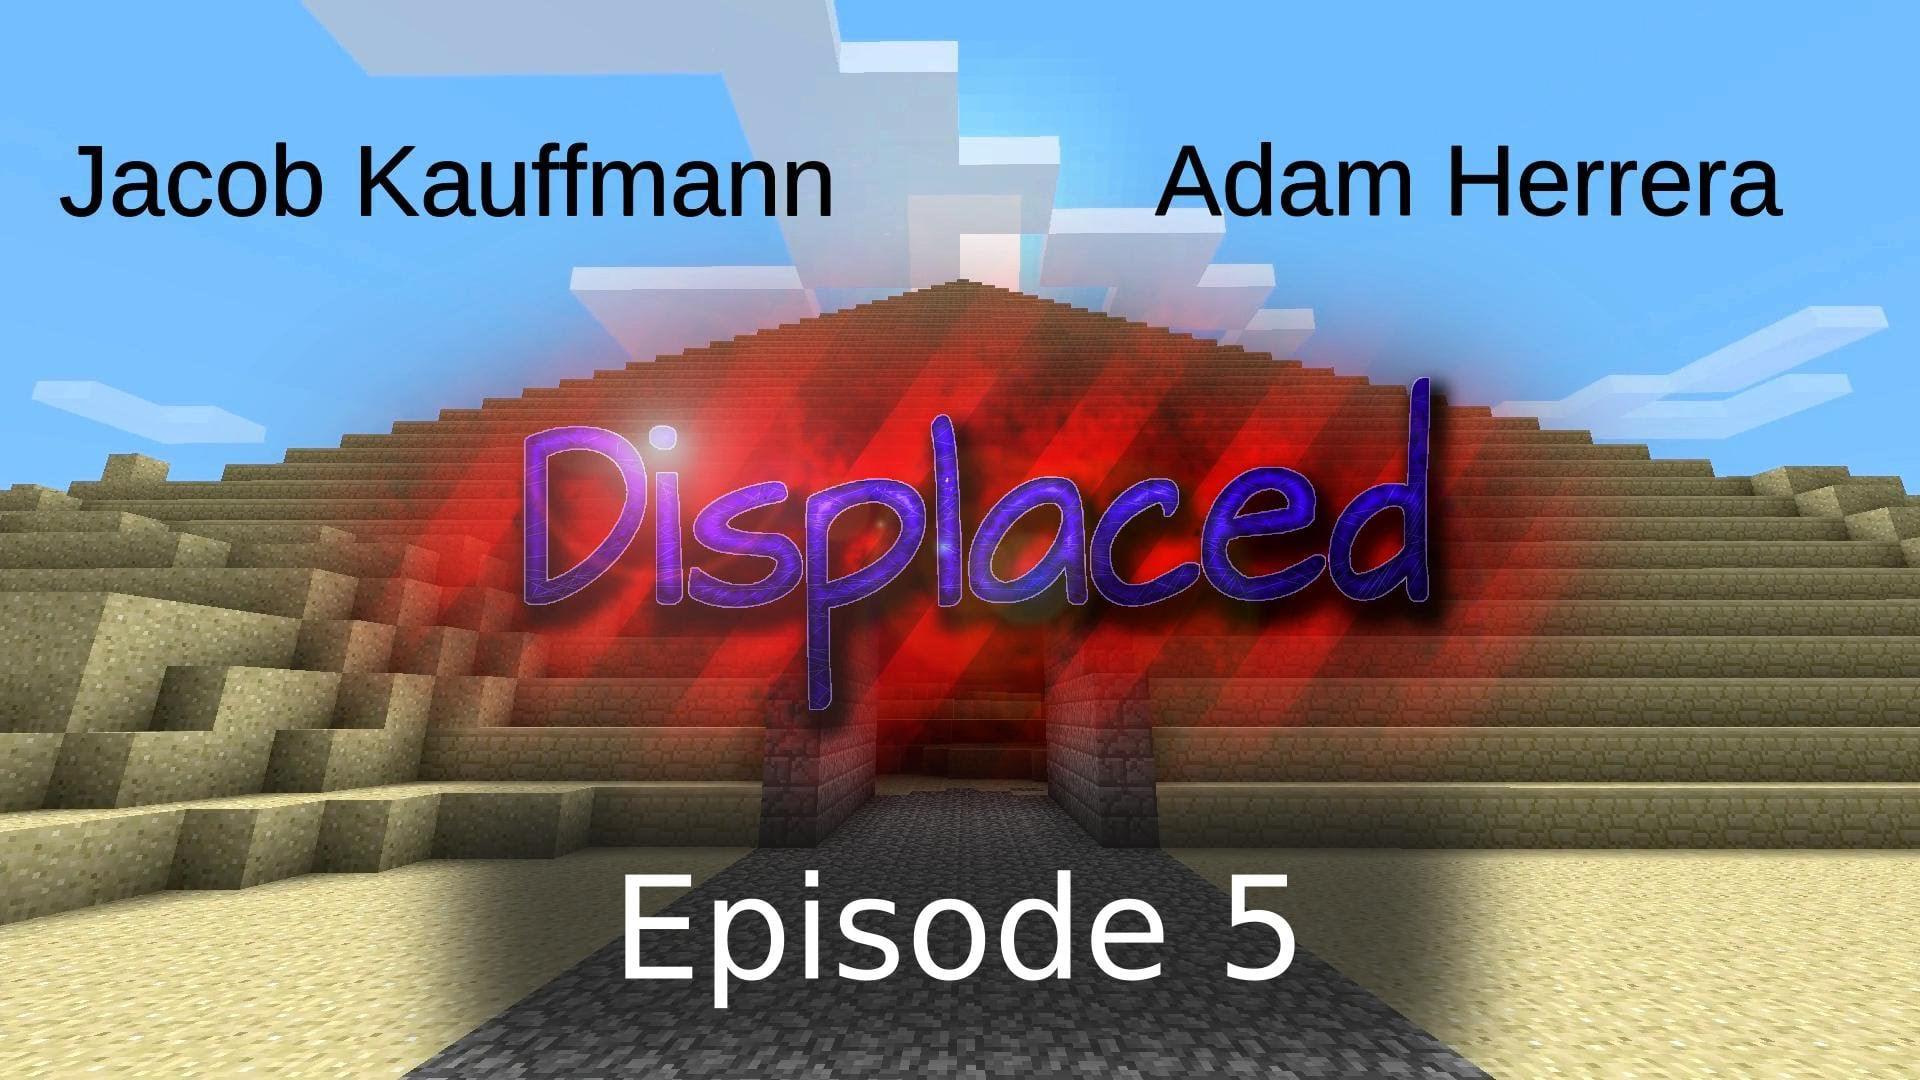 Episode 5 - Displaced